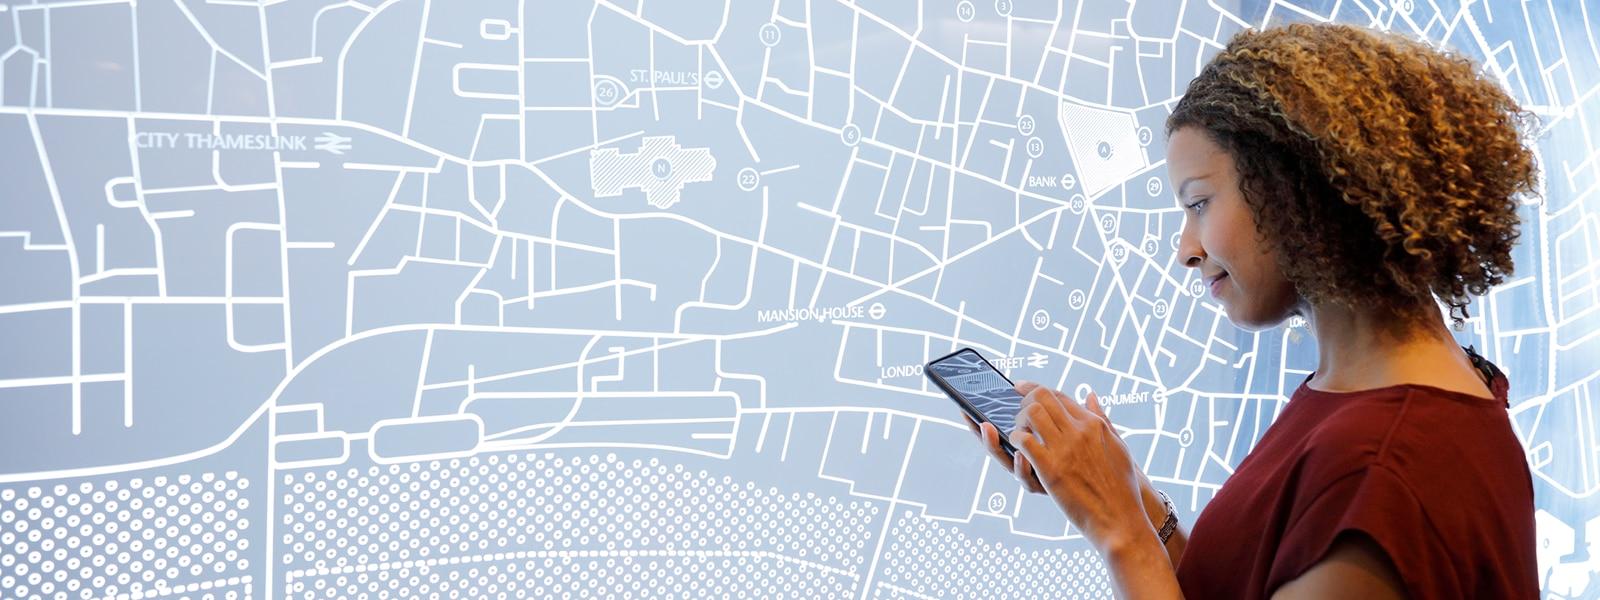 Eine Frau nutzt ein mobiles Gerät vor einem Stadtplan.